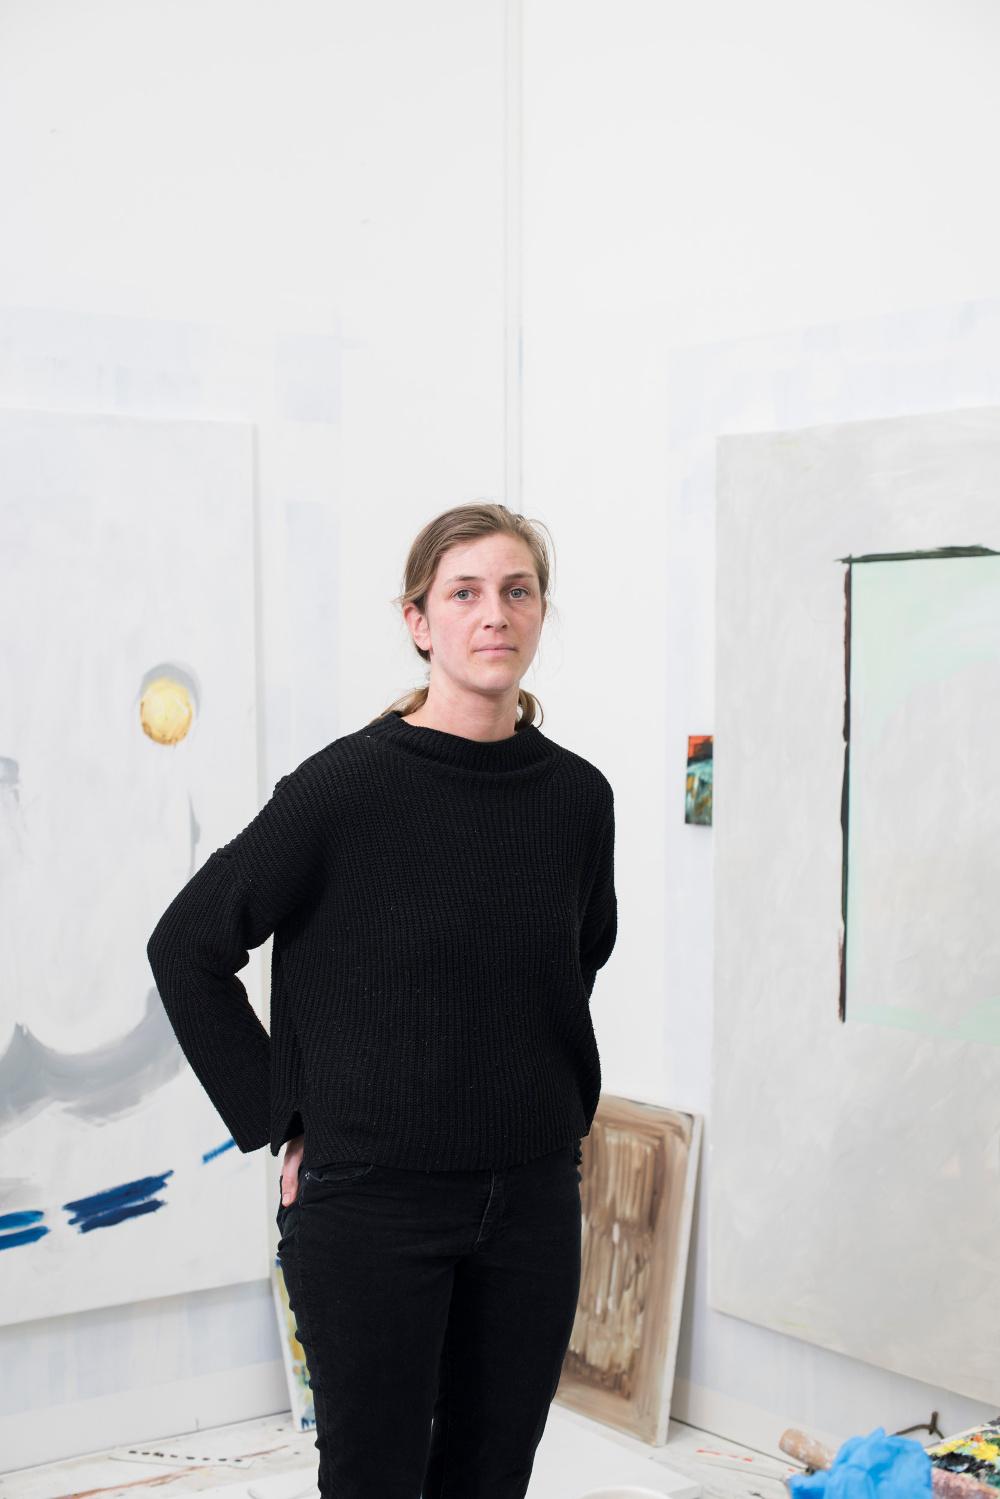 Machteld Solinger-portret vertical